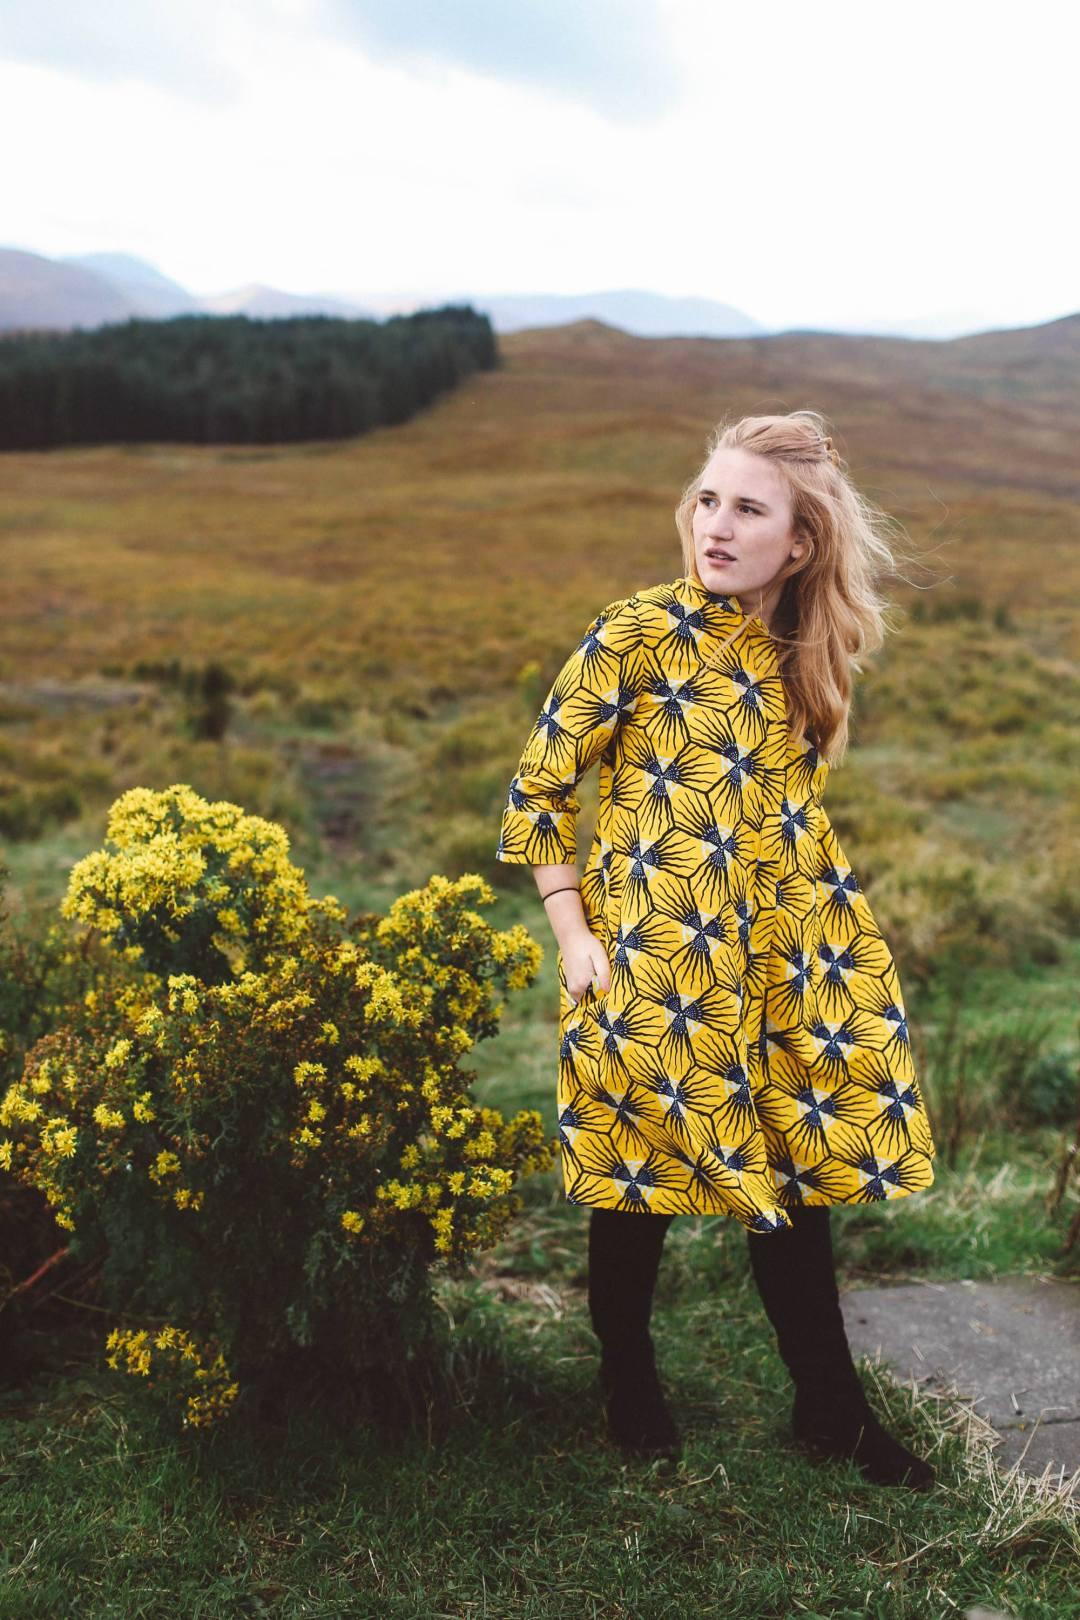 isle of skye scotland woman yellow dress